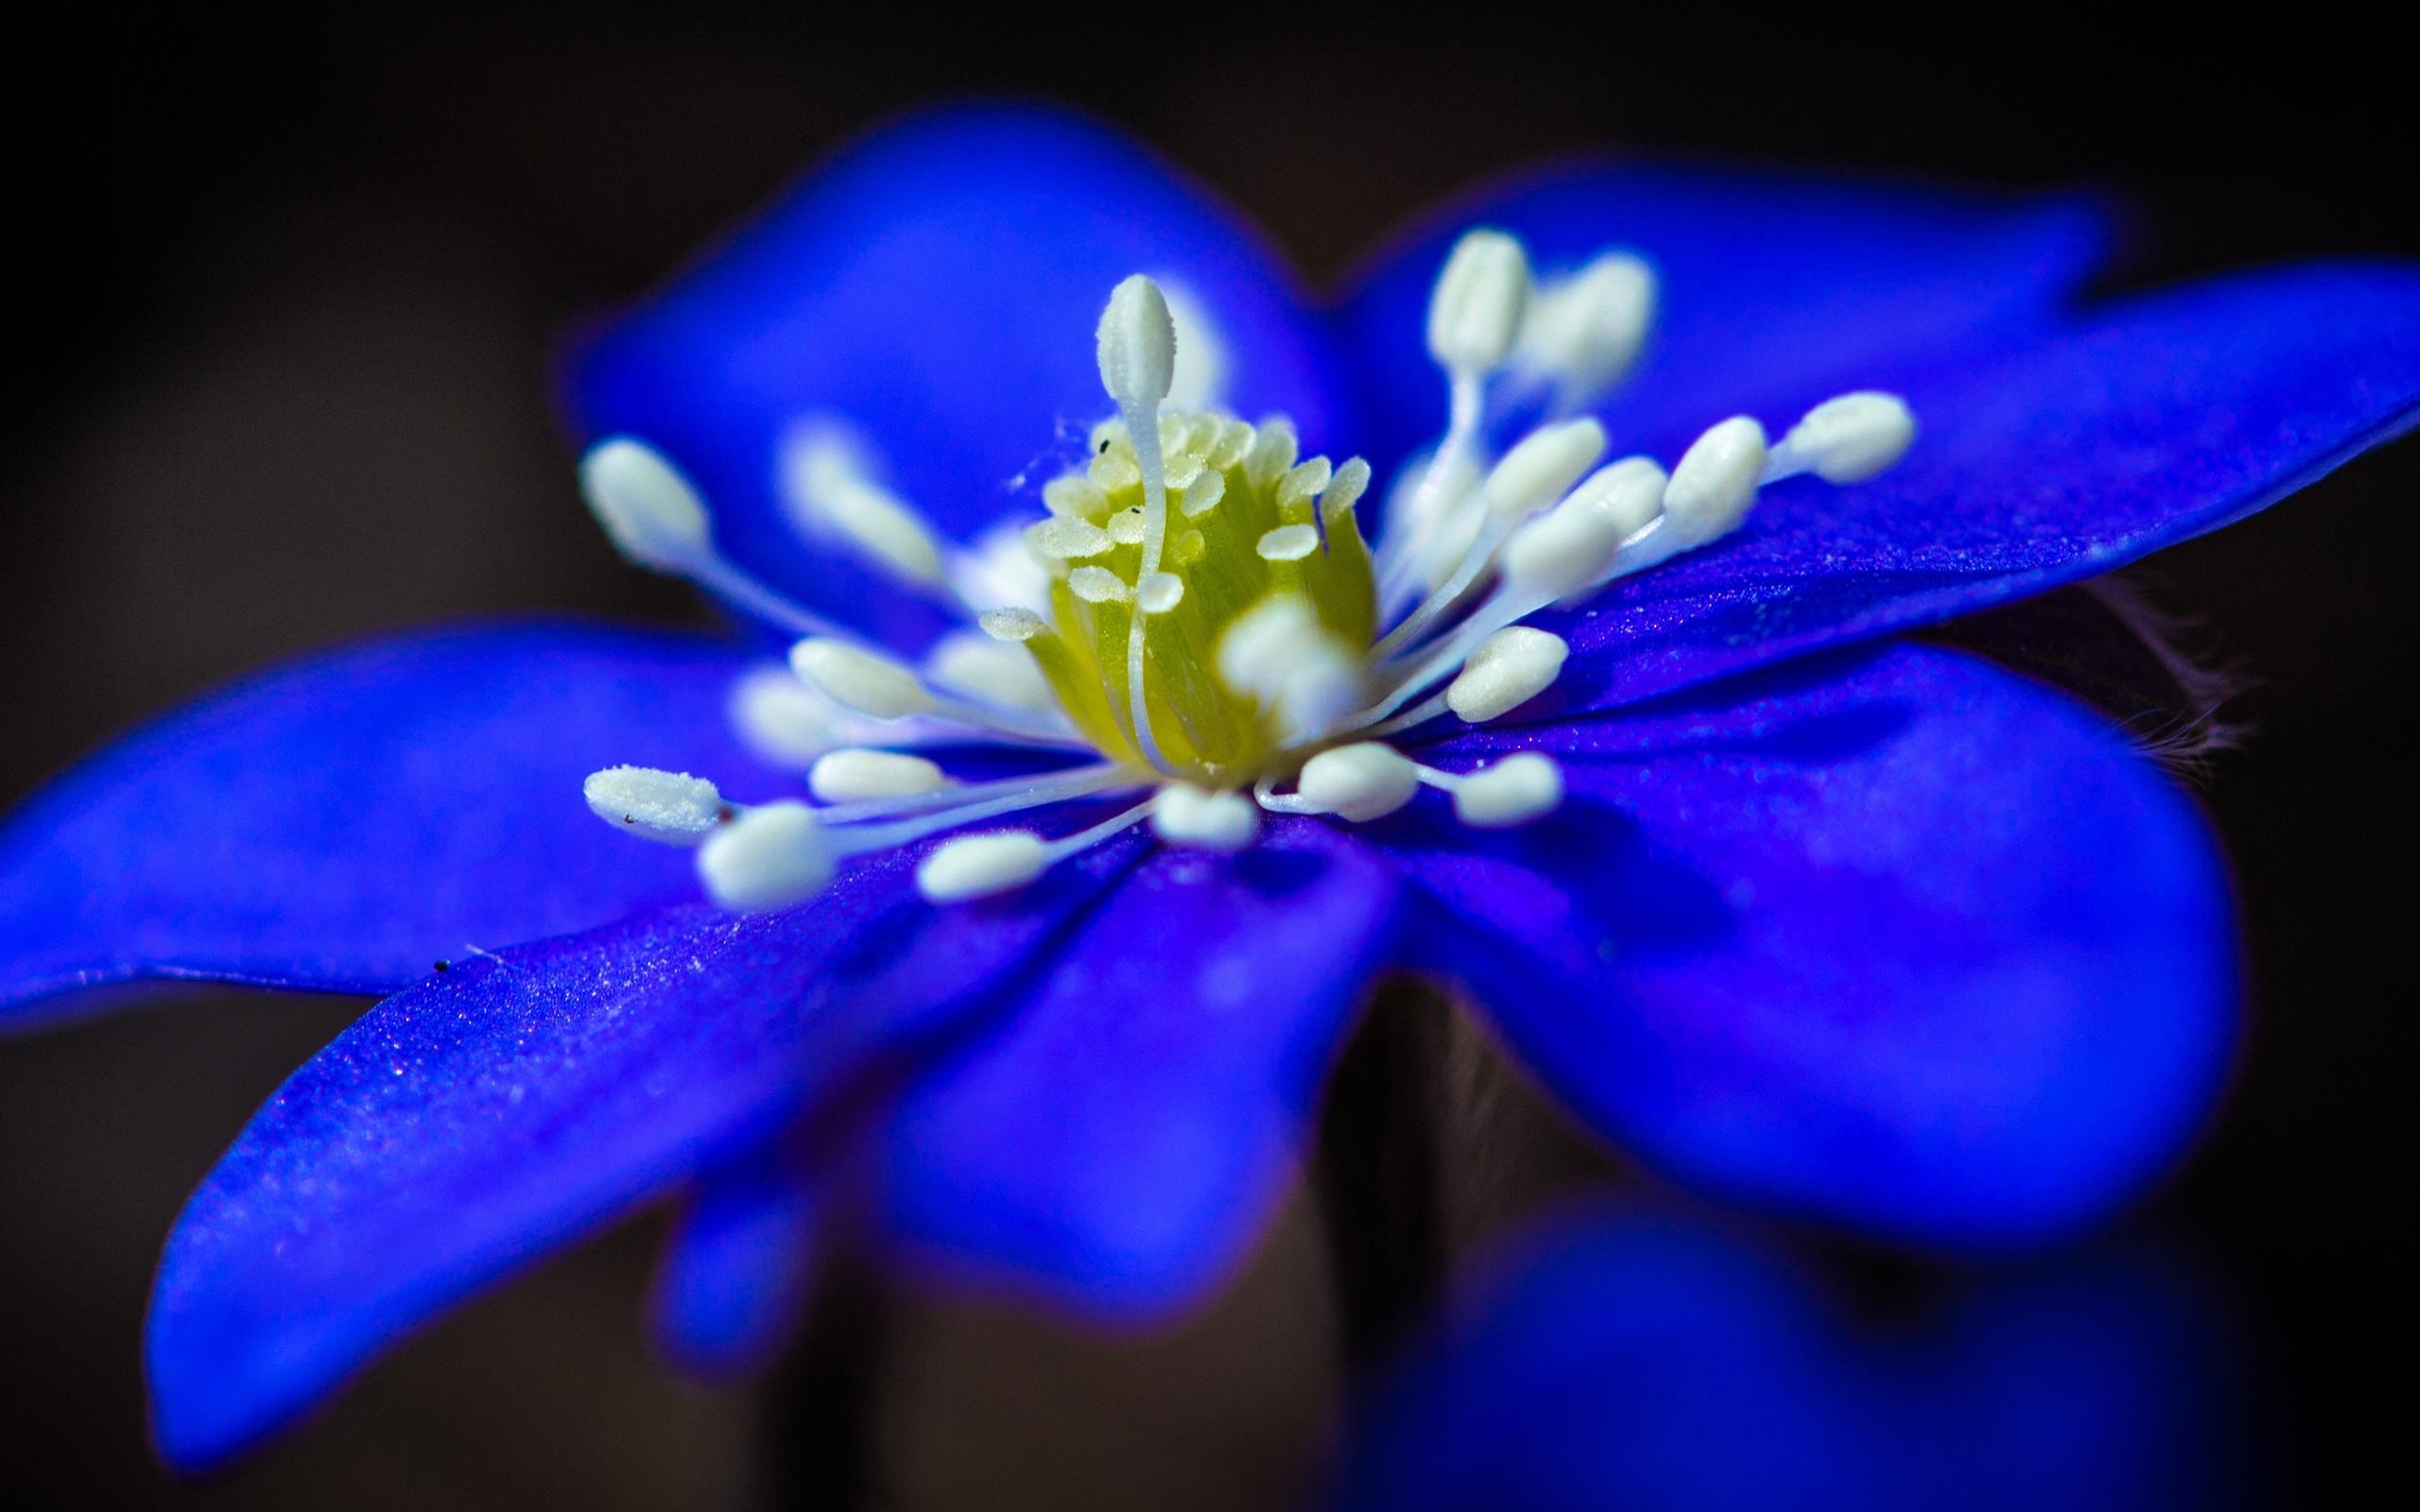 Hintergrundbilder Blaue Blume: Blaue Blume Close-up, Blütenblätter , Staubblätter